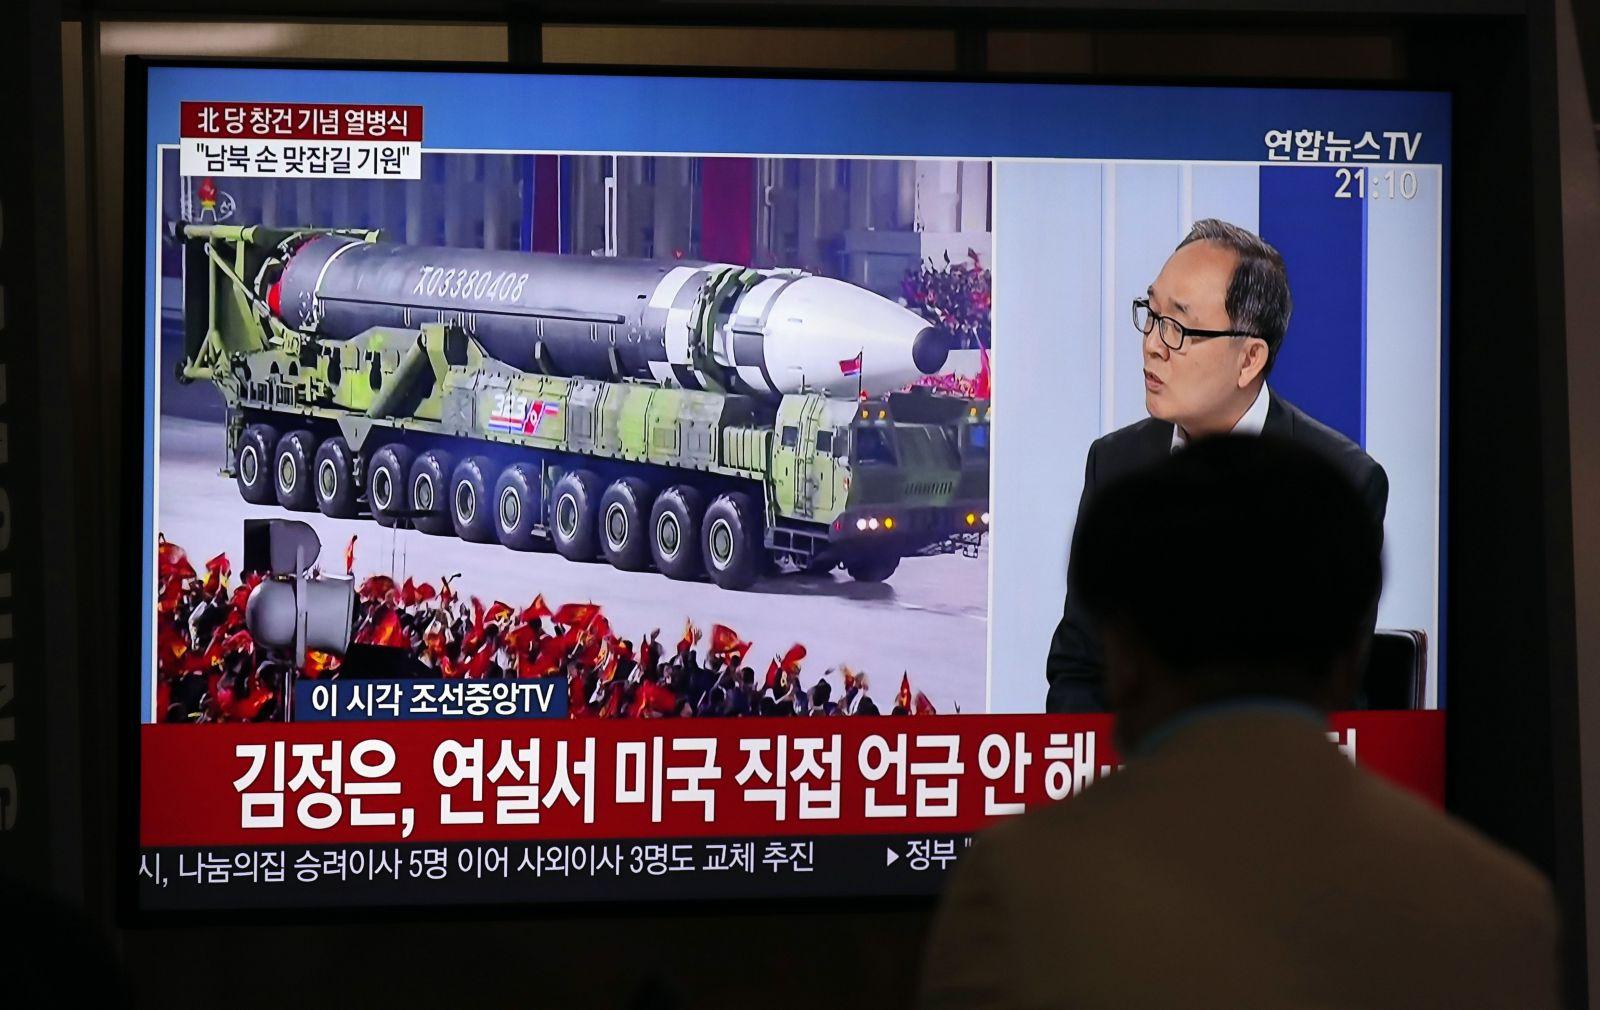 Kim Čong-un sa vo svojom prejave ospravedlnil občanom KĽDR a zopakoval, že v krajine nemajú žiaden prípad ochorenia Covid-19